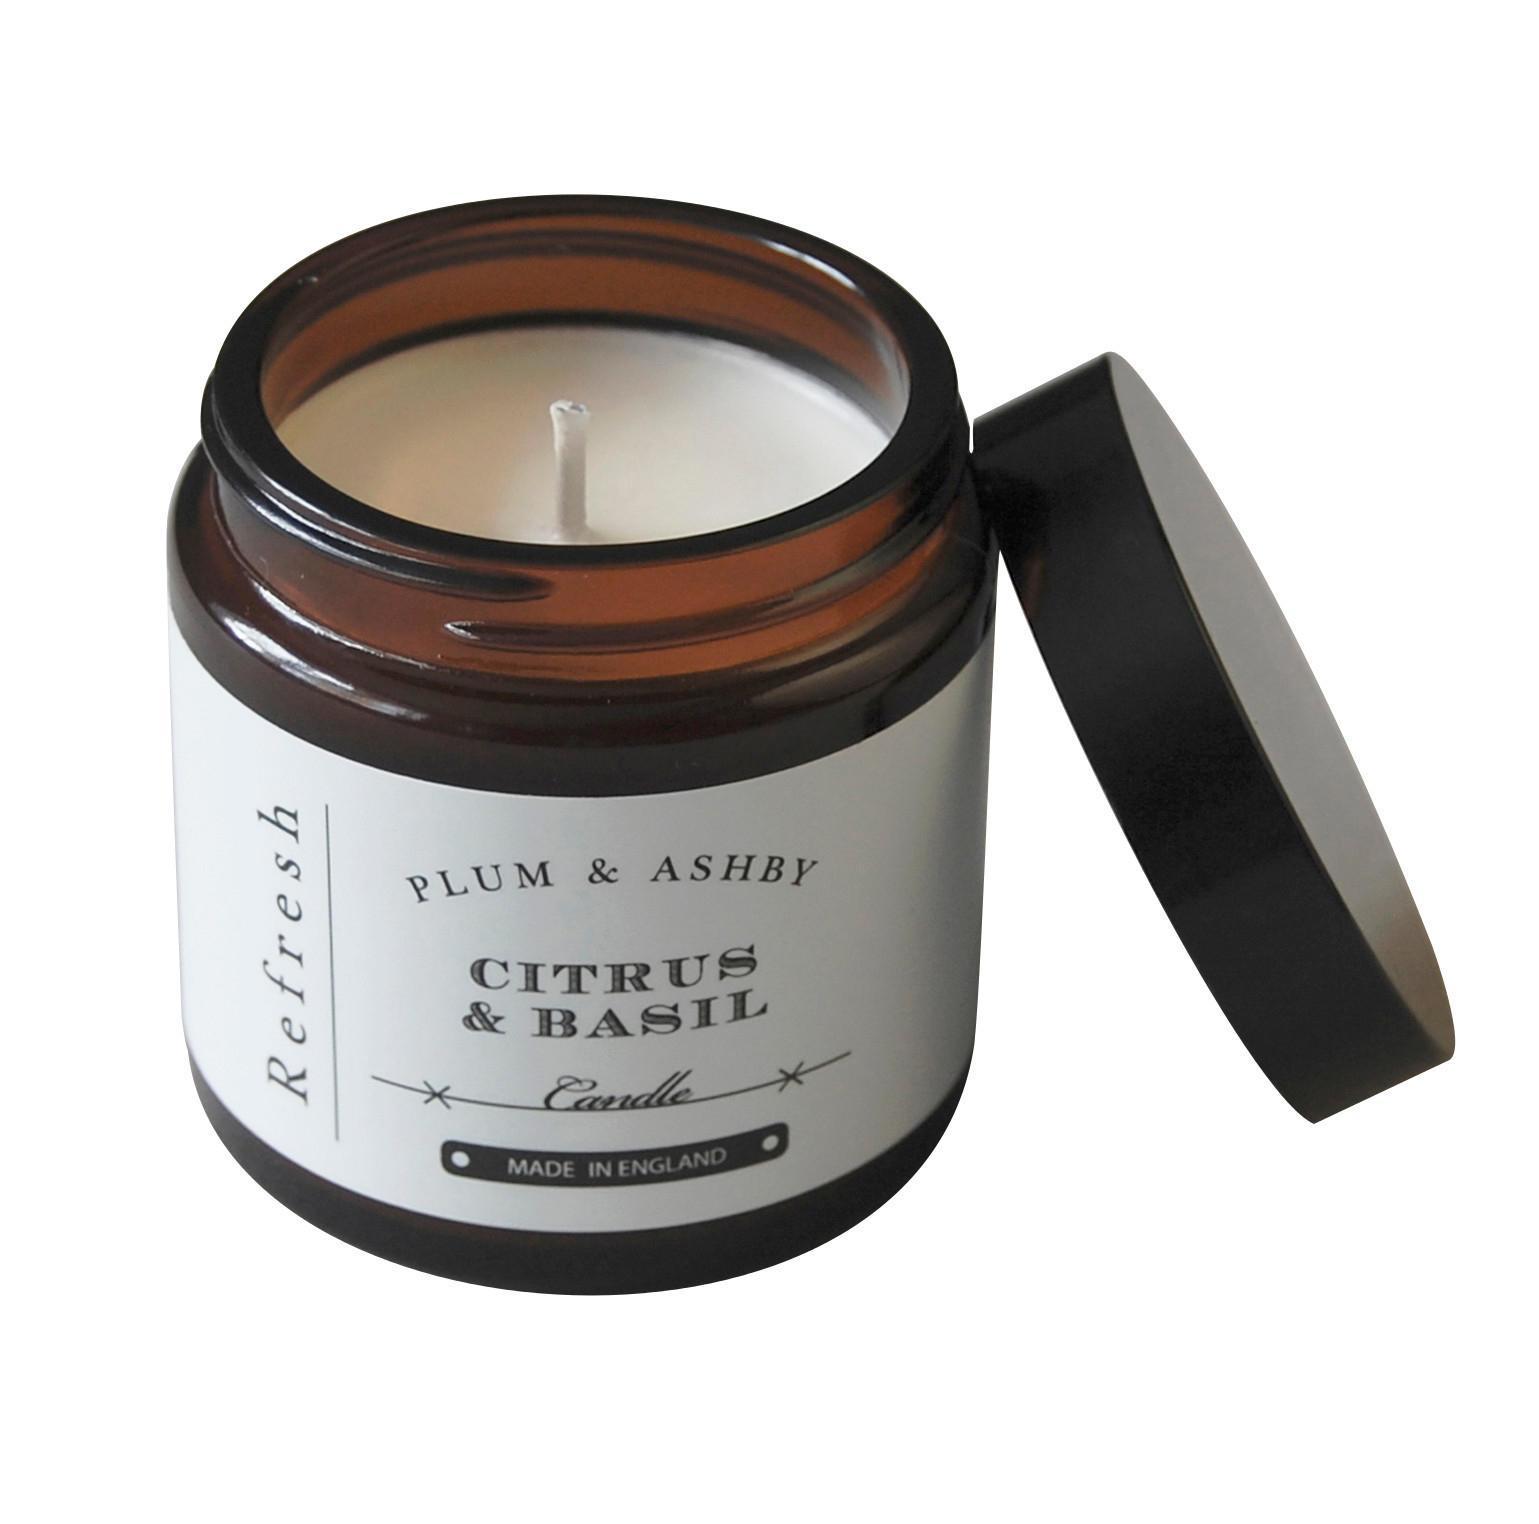 PLUM & ASHBY Cestovní svíčka Citrus & Basil - Refresh, hnědá barva, sklo